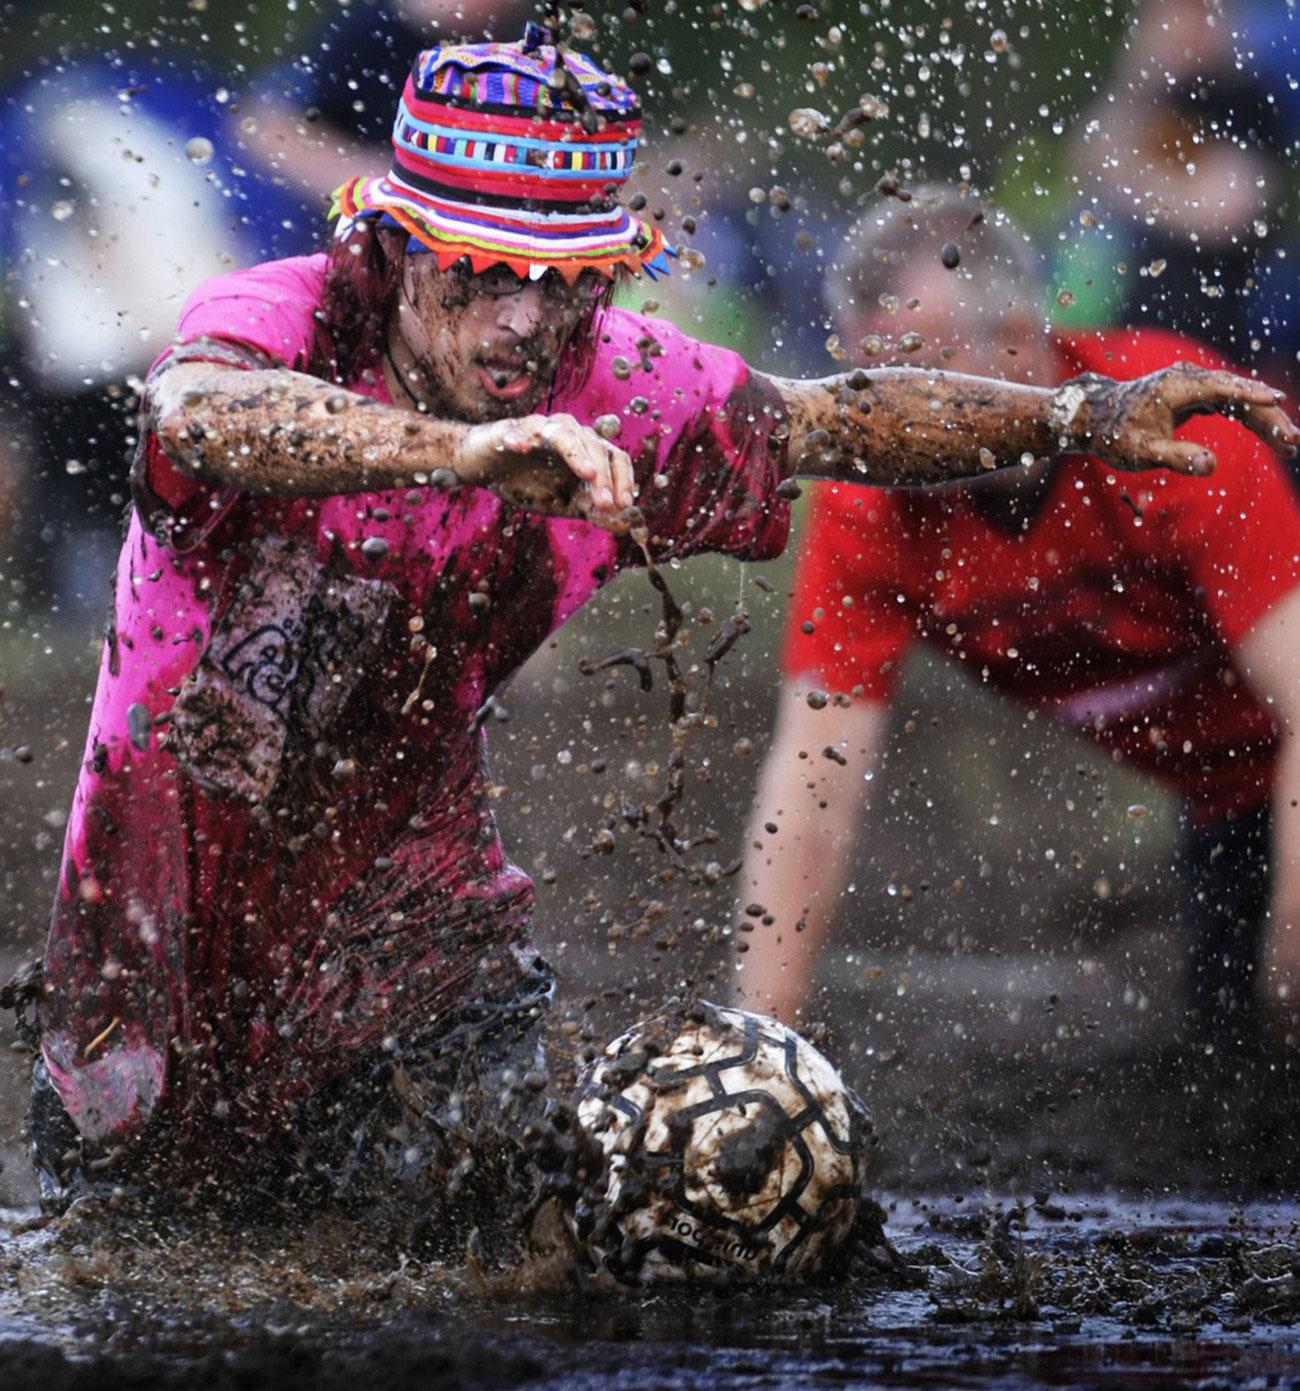 борьба за мяч в грязи, фото